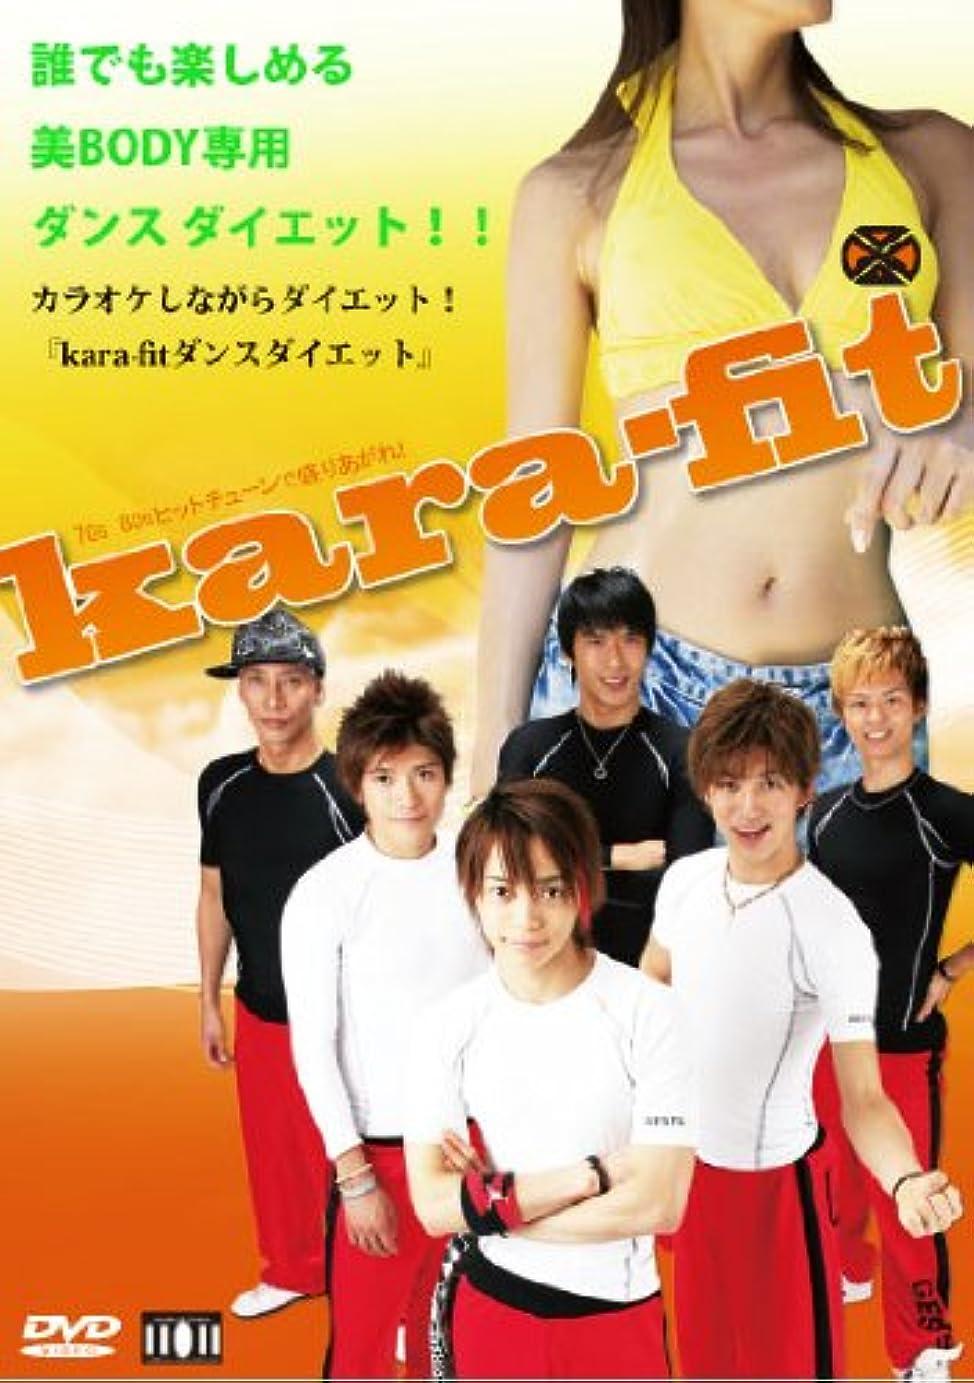 火嫉妬正しいカラオケによるフィットネス!kara-fit(カラフィット)ダンスダイエット3枚組コンプリートセットDVD